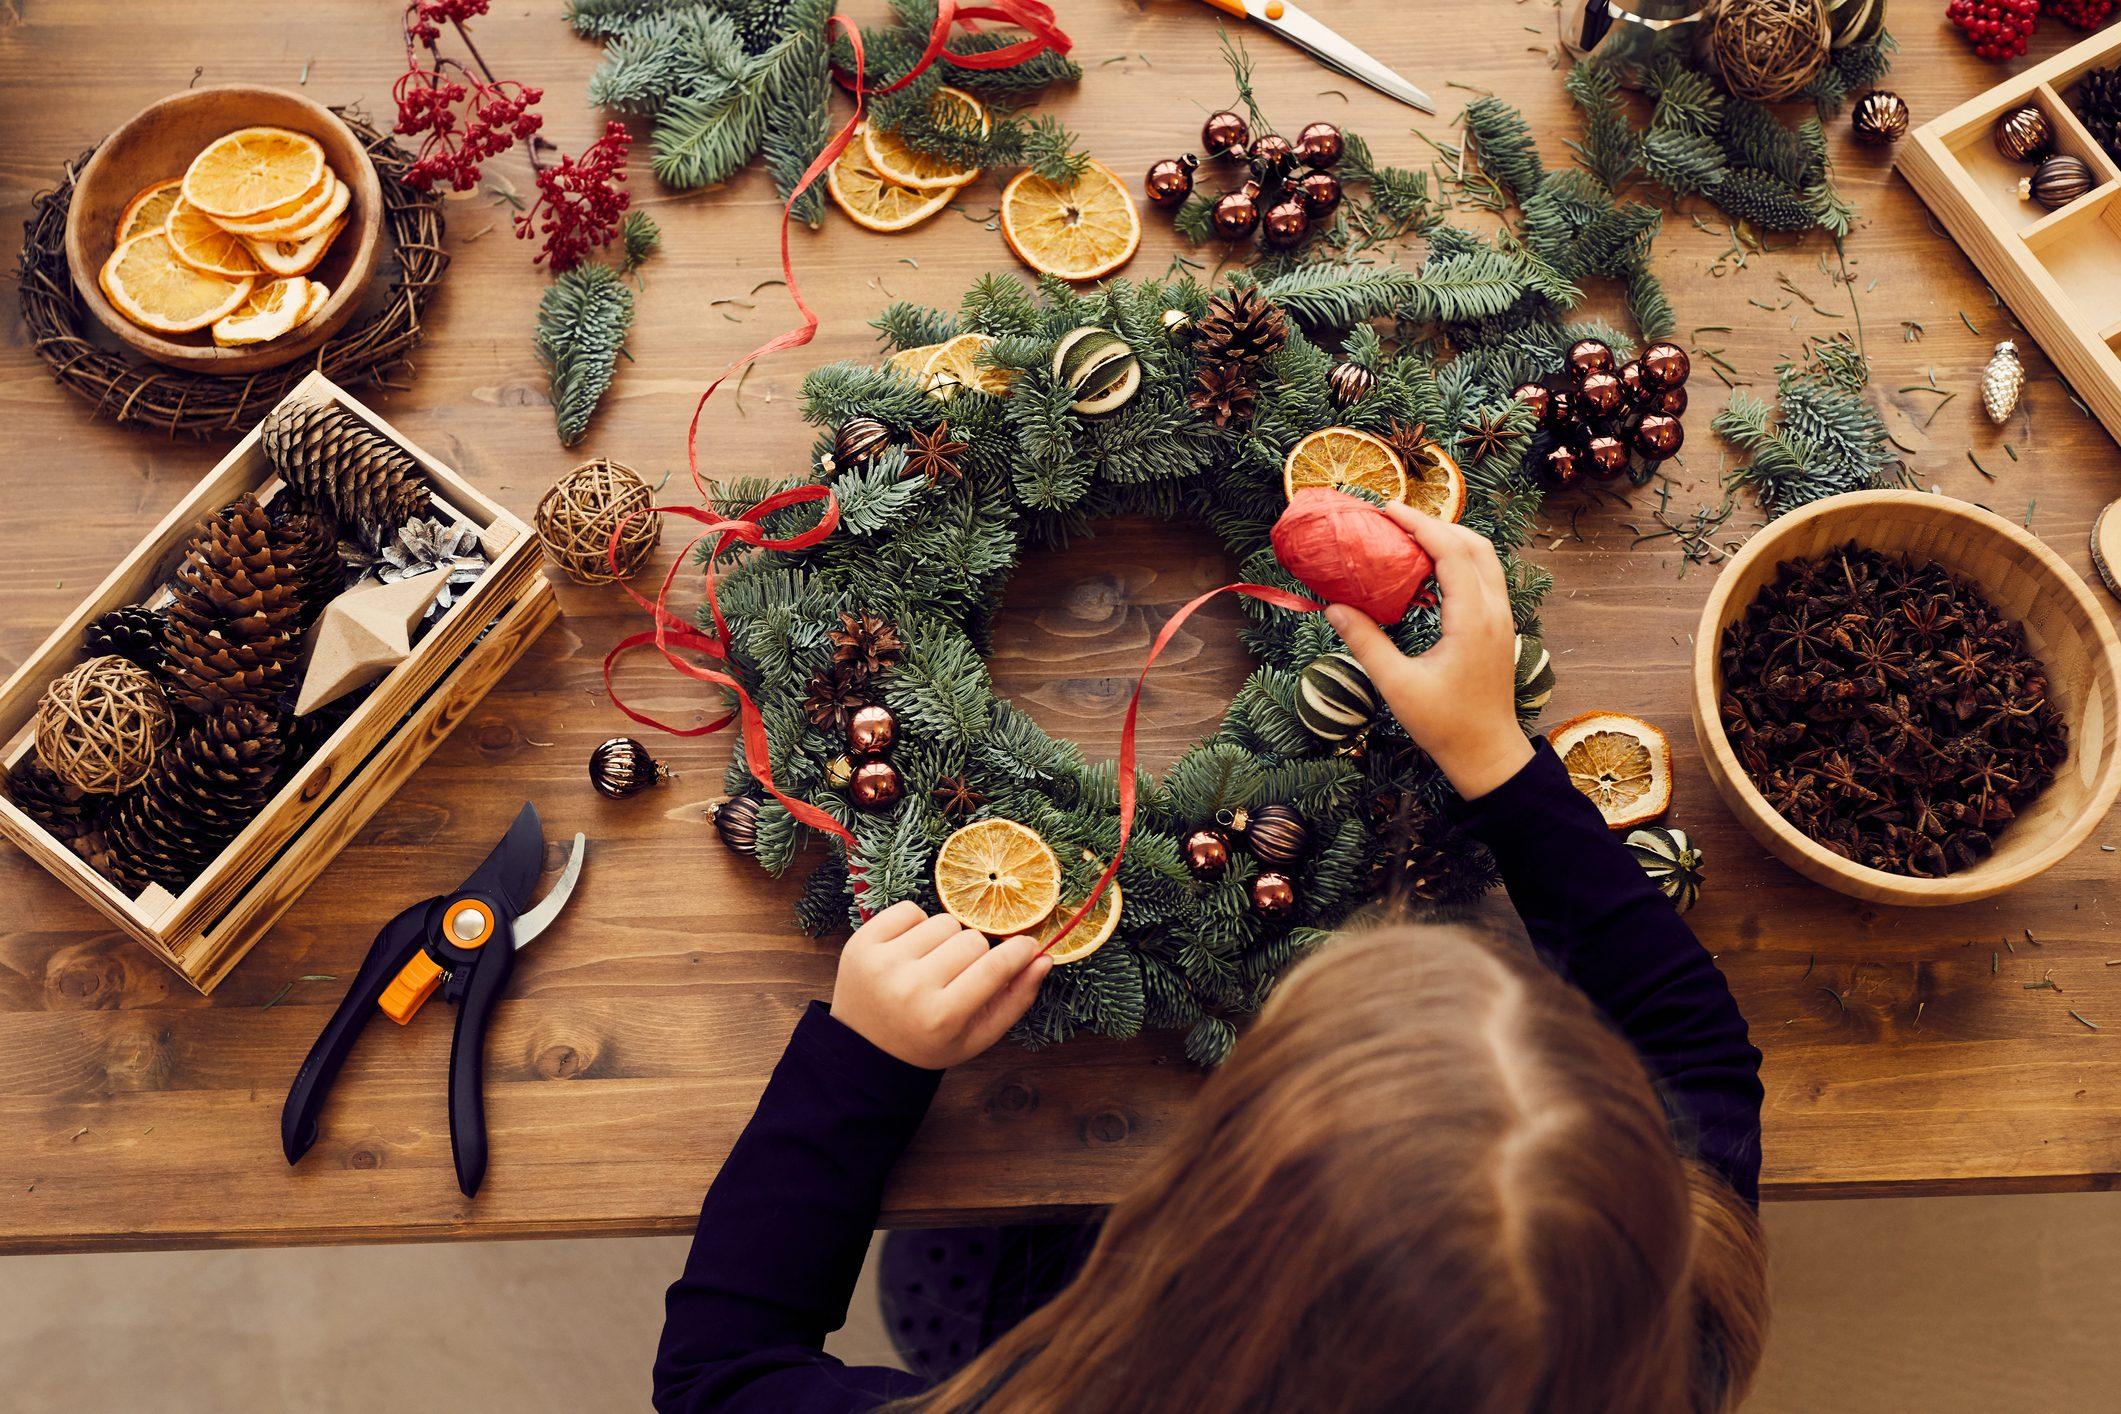 Immagini Di Ghirlande Di Natale.Come Creare Delle Ghirlande Di Natale Con Quello Che Hai In Casa Ohga